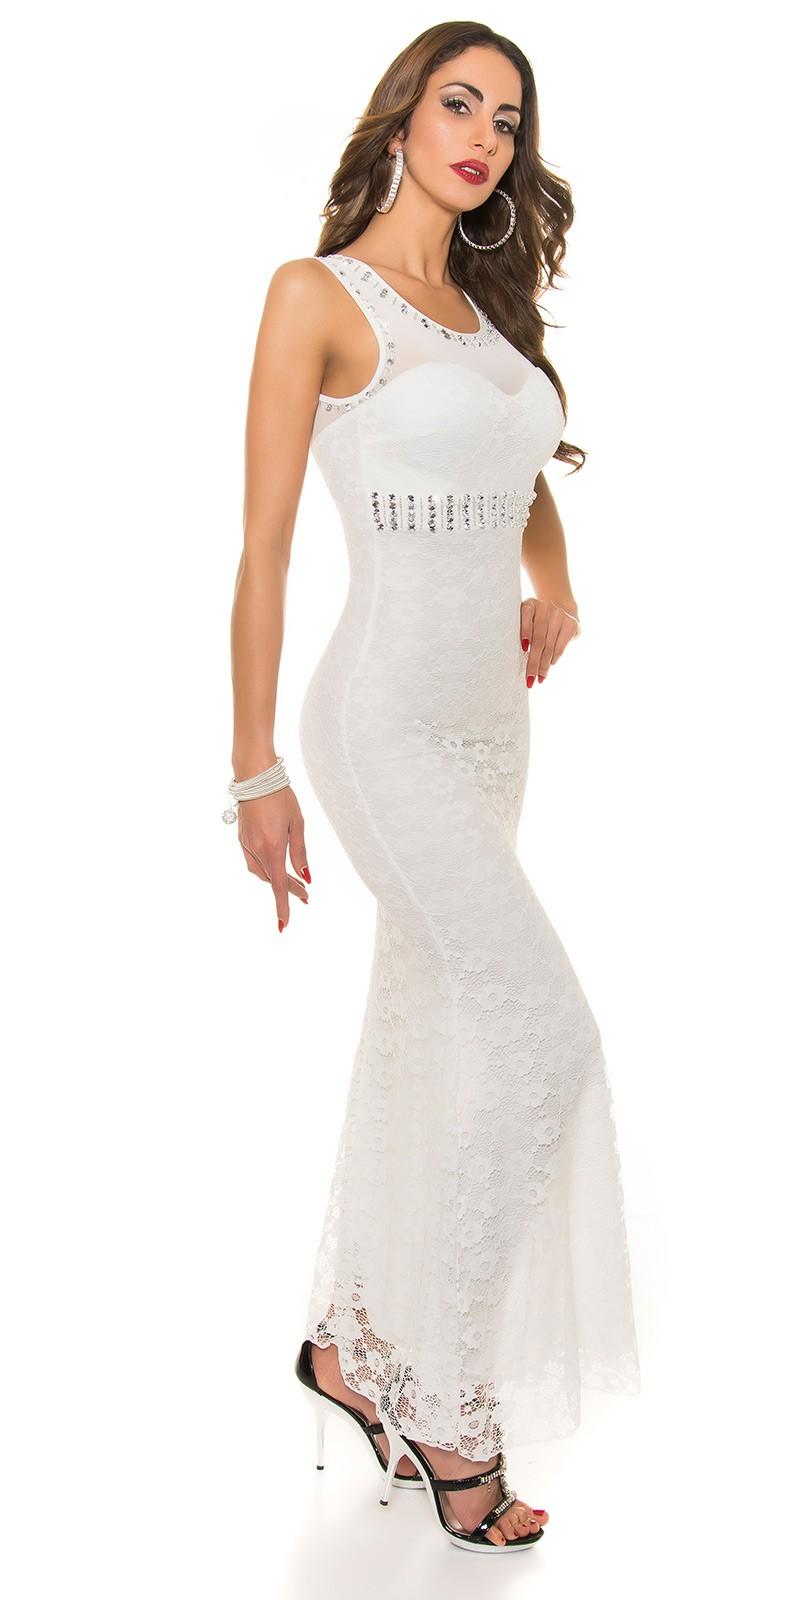 sports shoes f98f0 5ff84 AL012 Abito da cerimonia in pizzo lungo elegante da matrimonio bianco abito  da sera